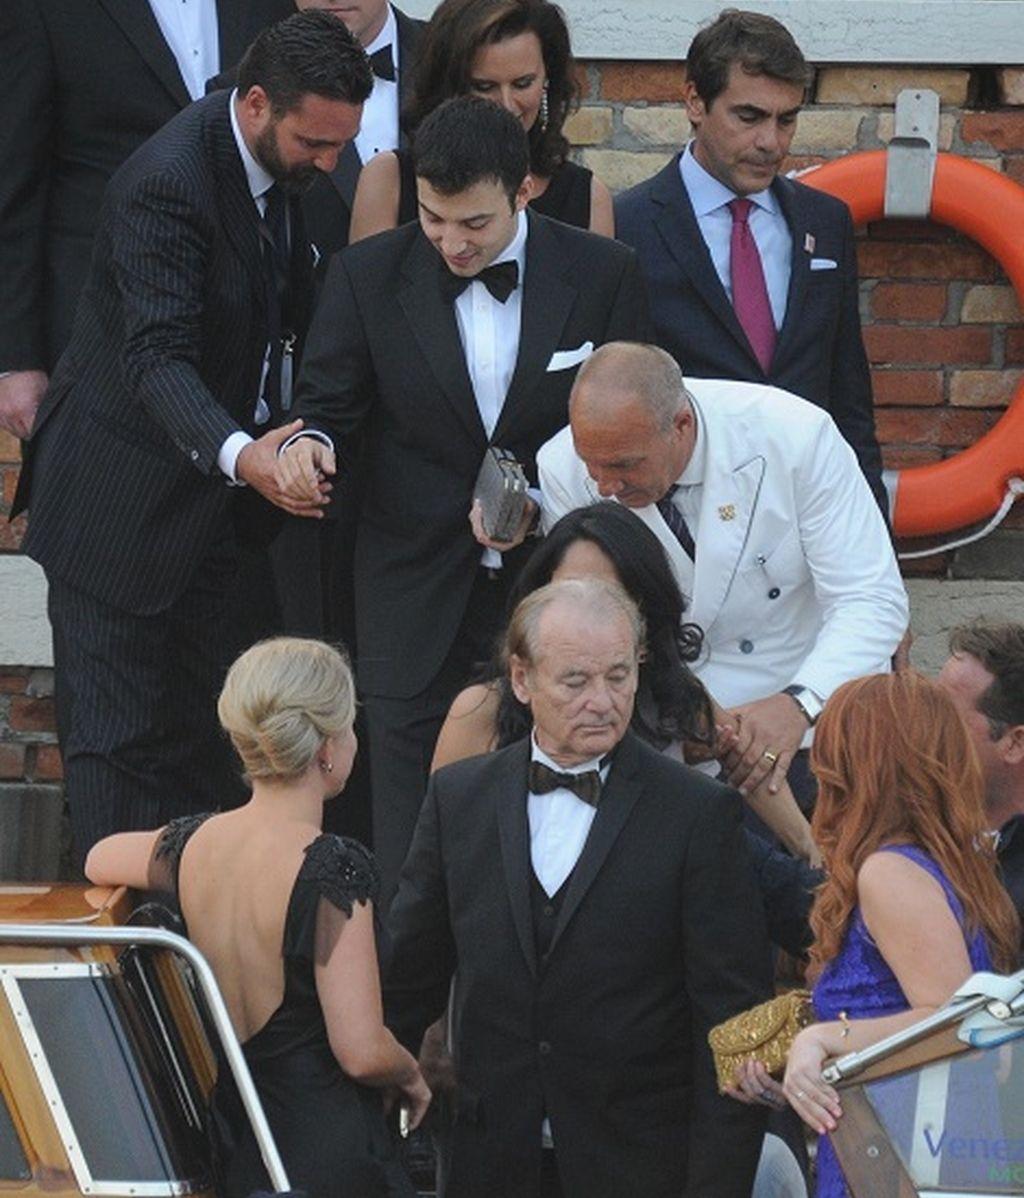 Los invitados de la boda de George Clooney y Amal Alamauddin colapsaron el gran canal